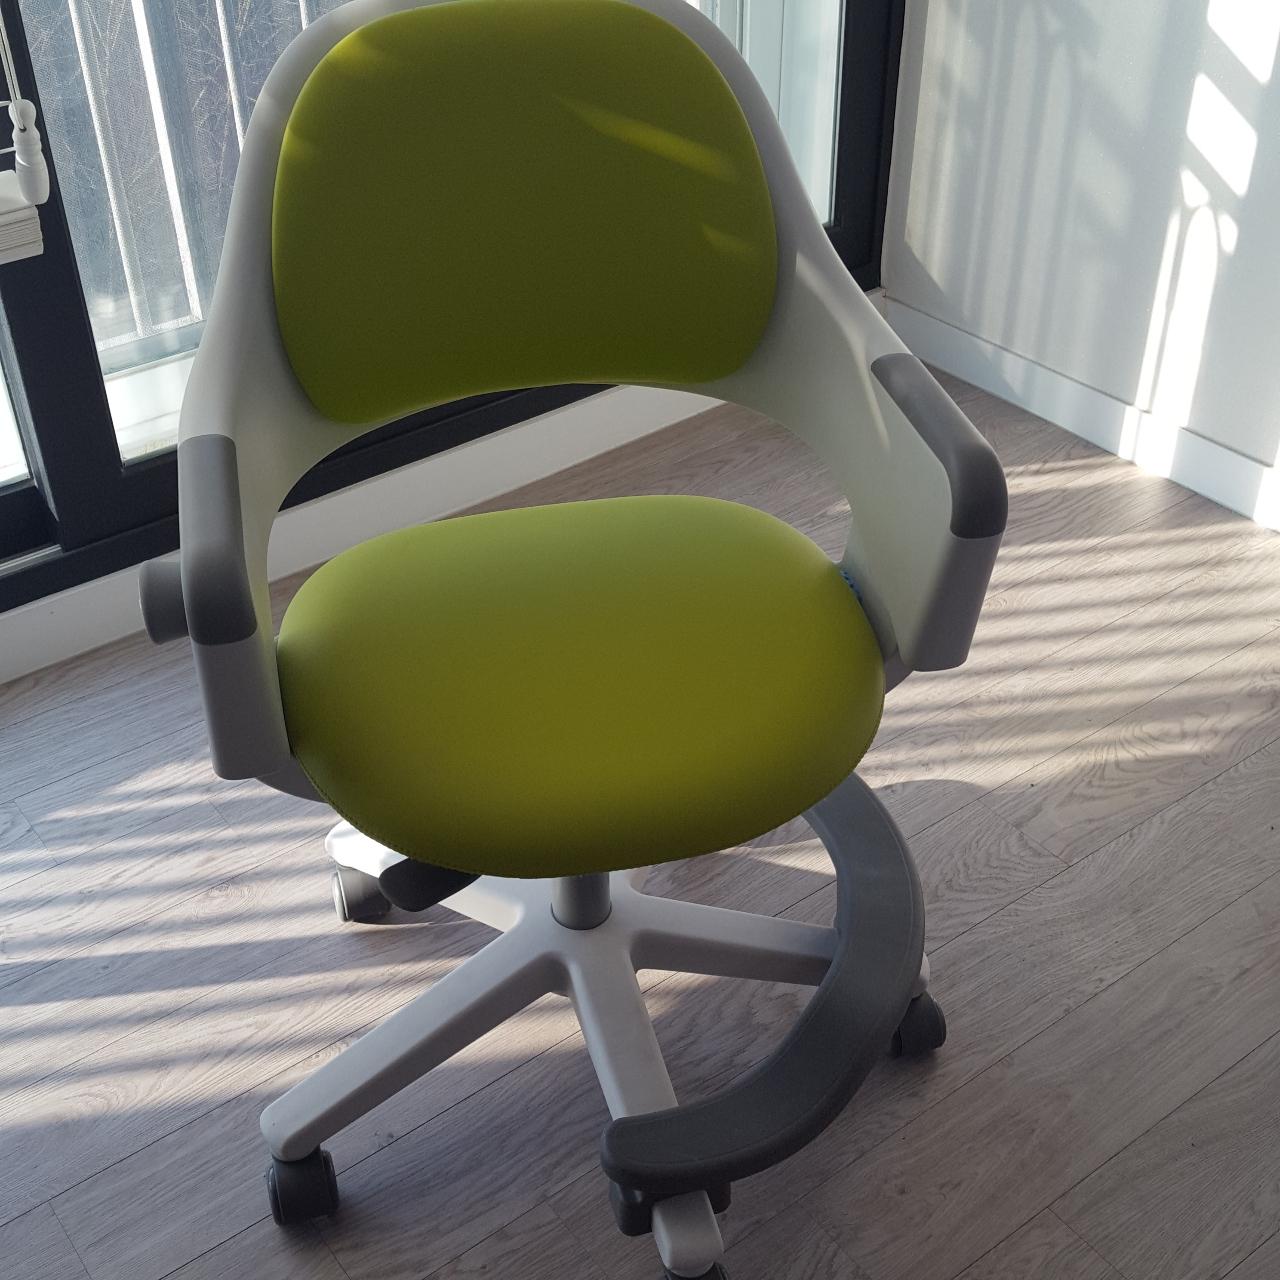 의자판매하려합니다 (시디즈 제품)